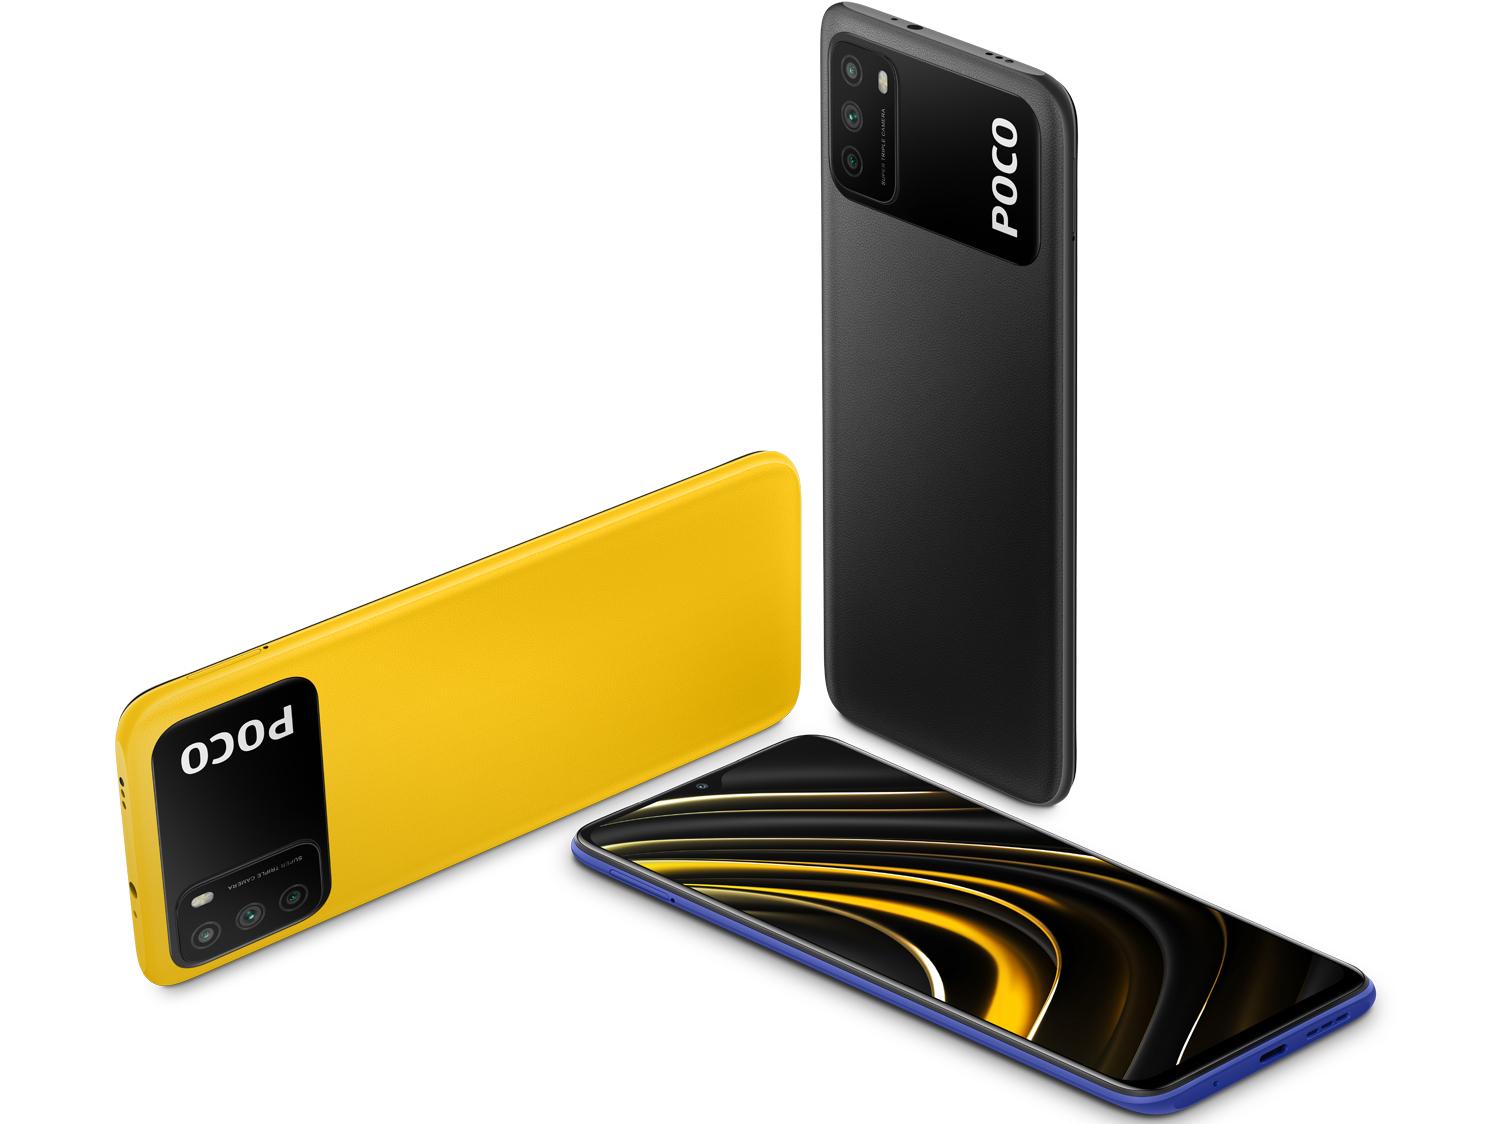 Смартфоны Xiaomi Poco и Redmi стали самыми популярными для покупки на AliExpress в России